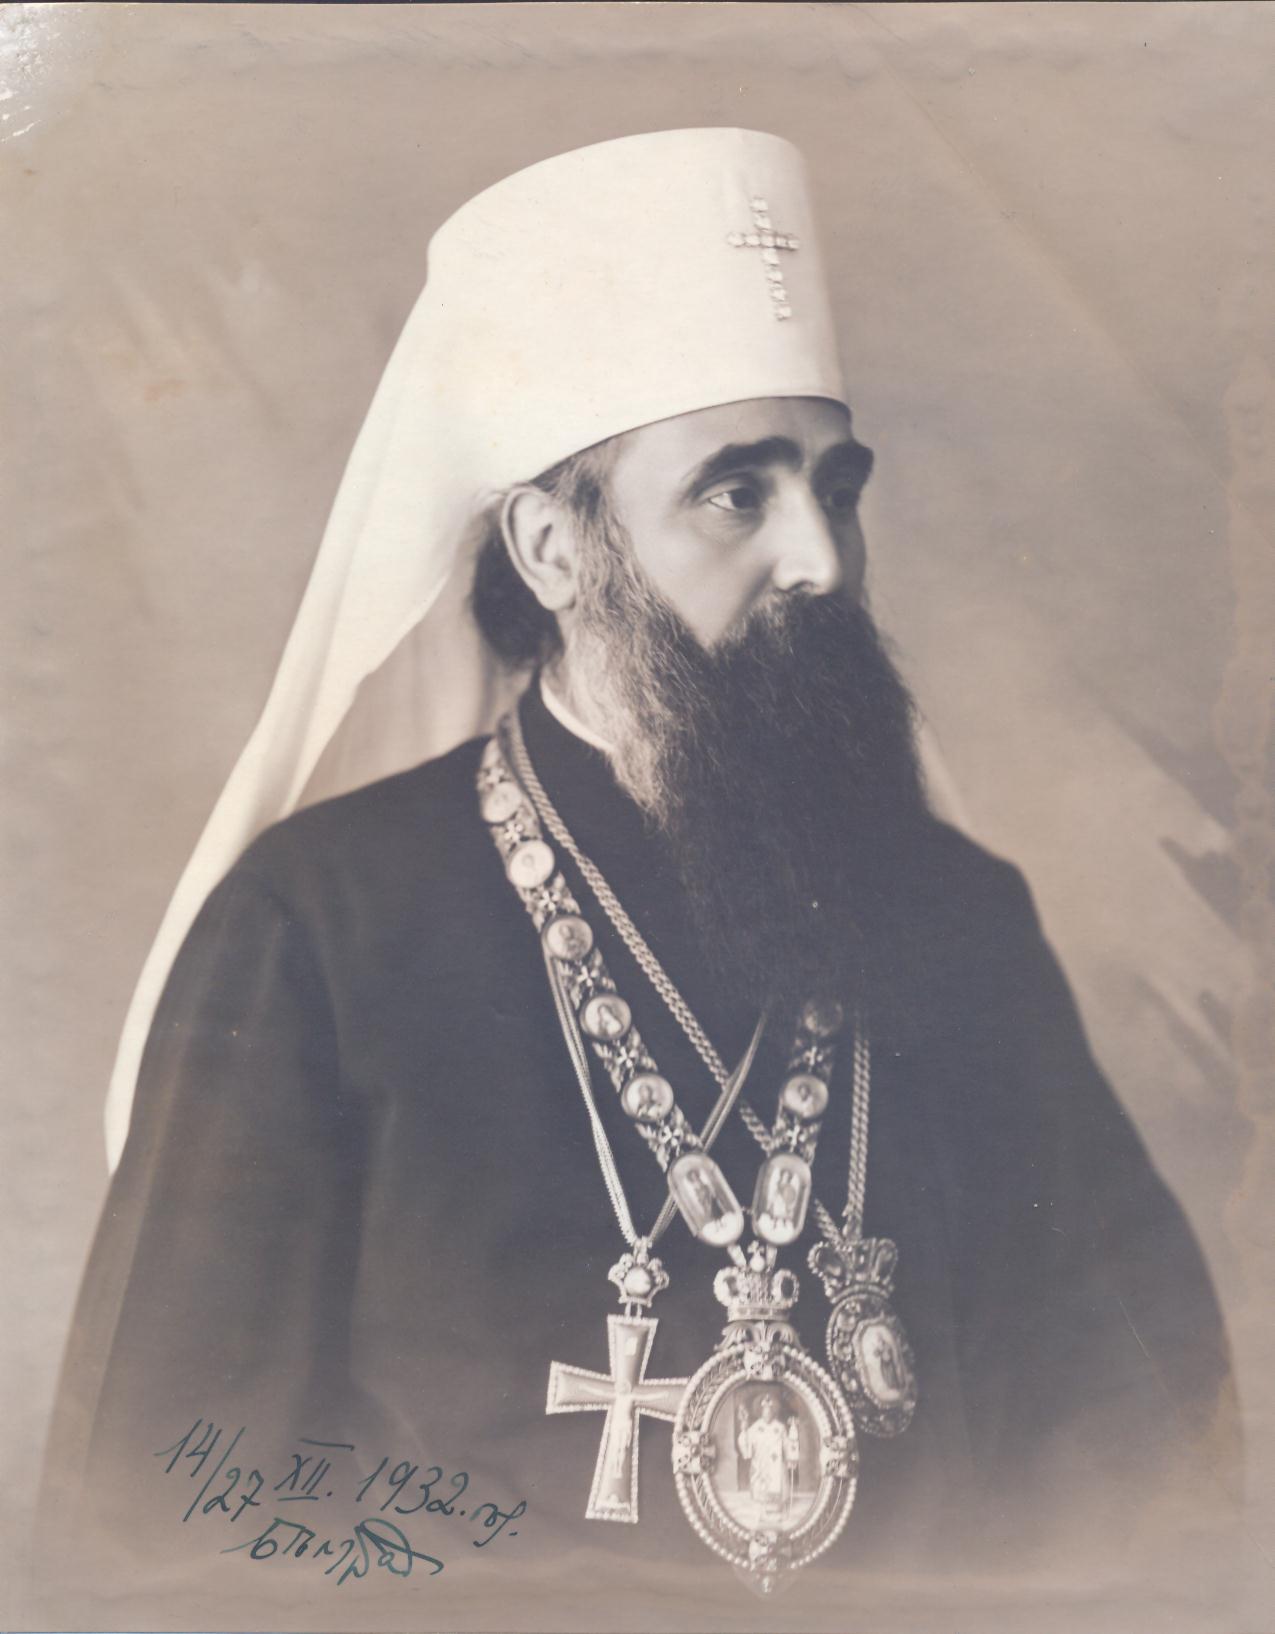 Патријарх Варнава Росић 1932 Београд